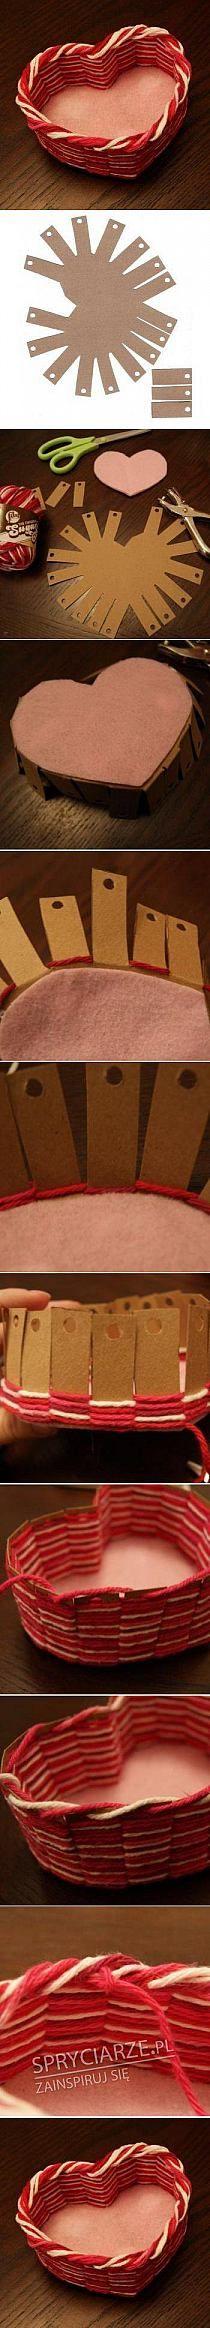 Pudełko ze sznurka